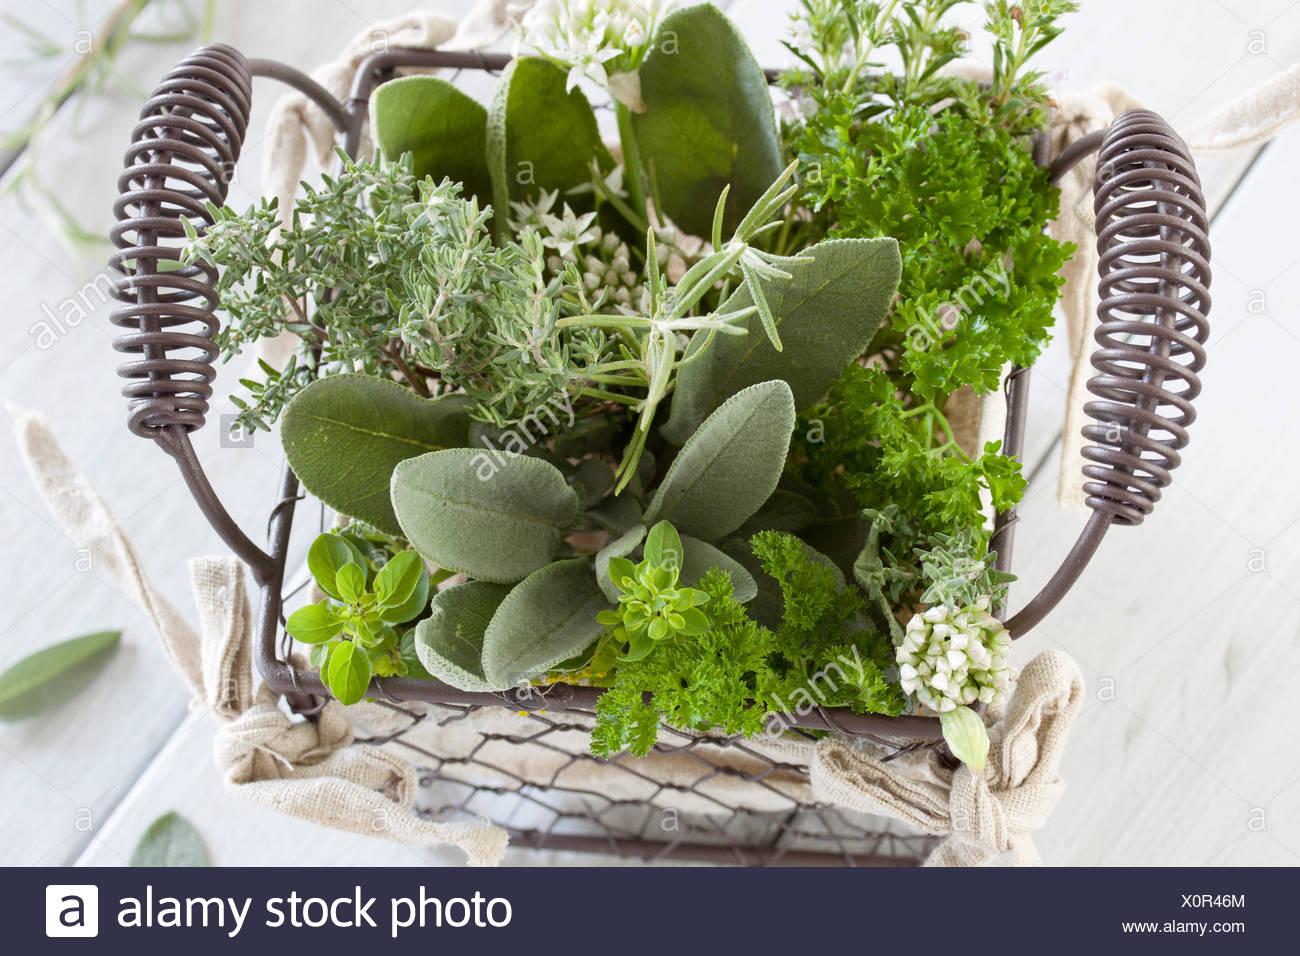 Gesunde Kräuter Küche Stockfoto, Bild: 275874108 - Alamy